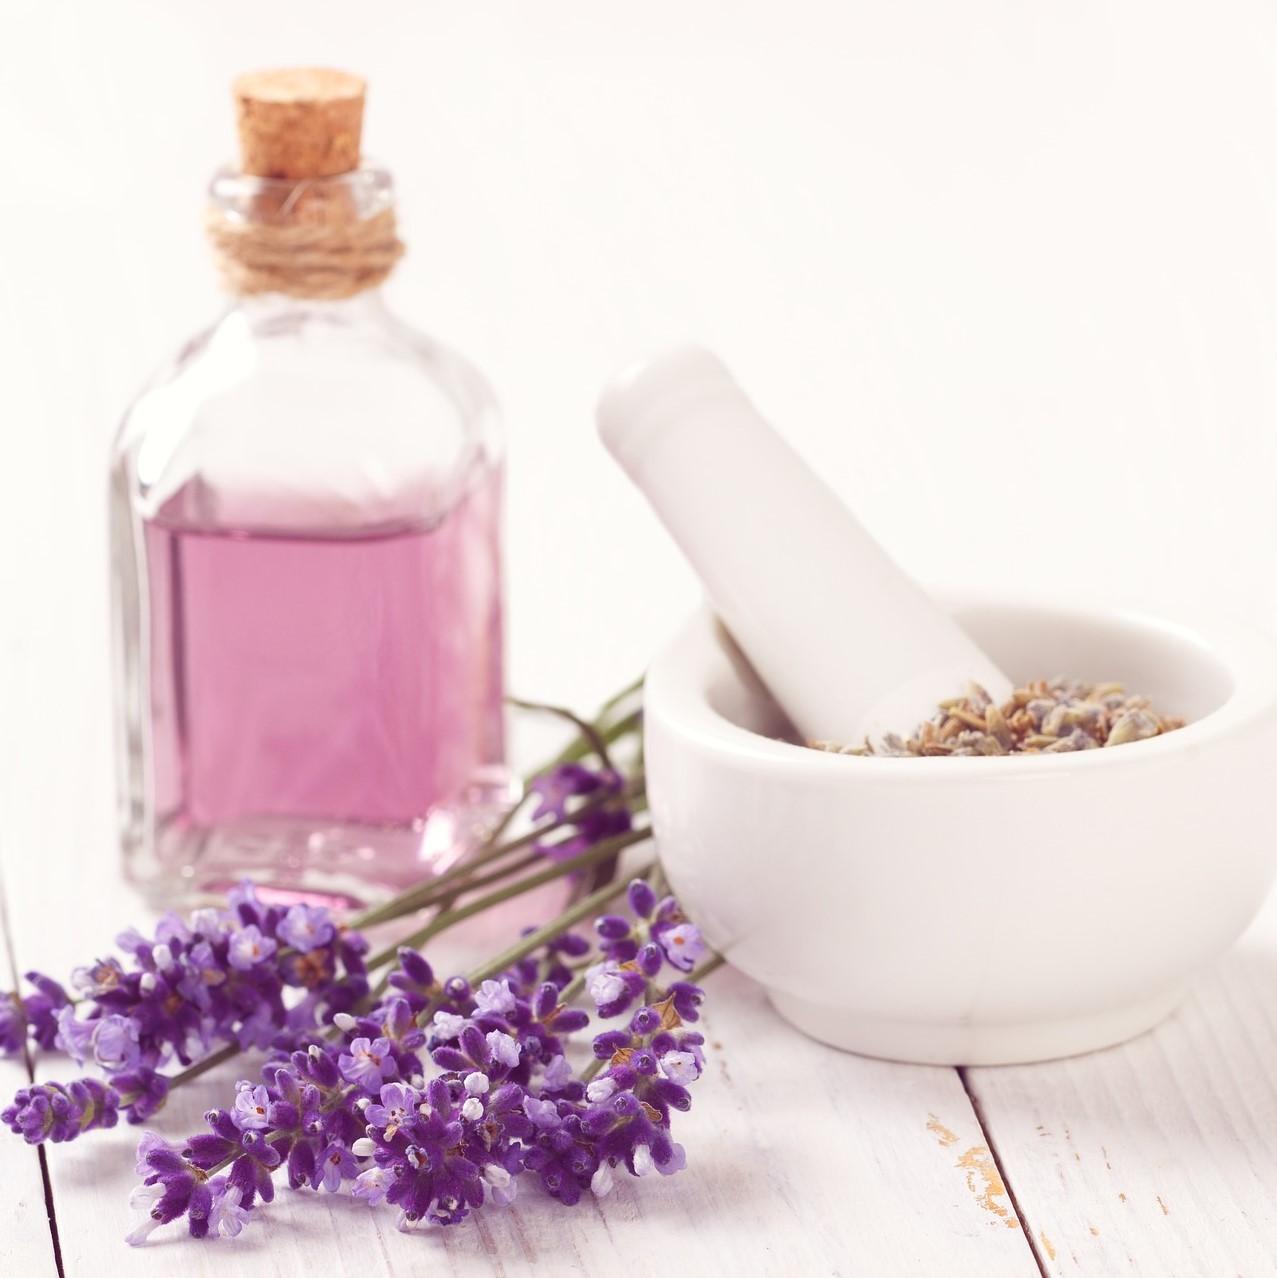 Parfum: Maak je eigen geurtje